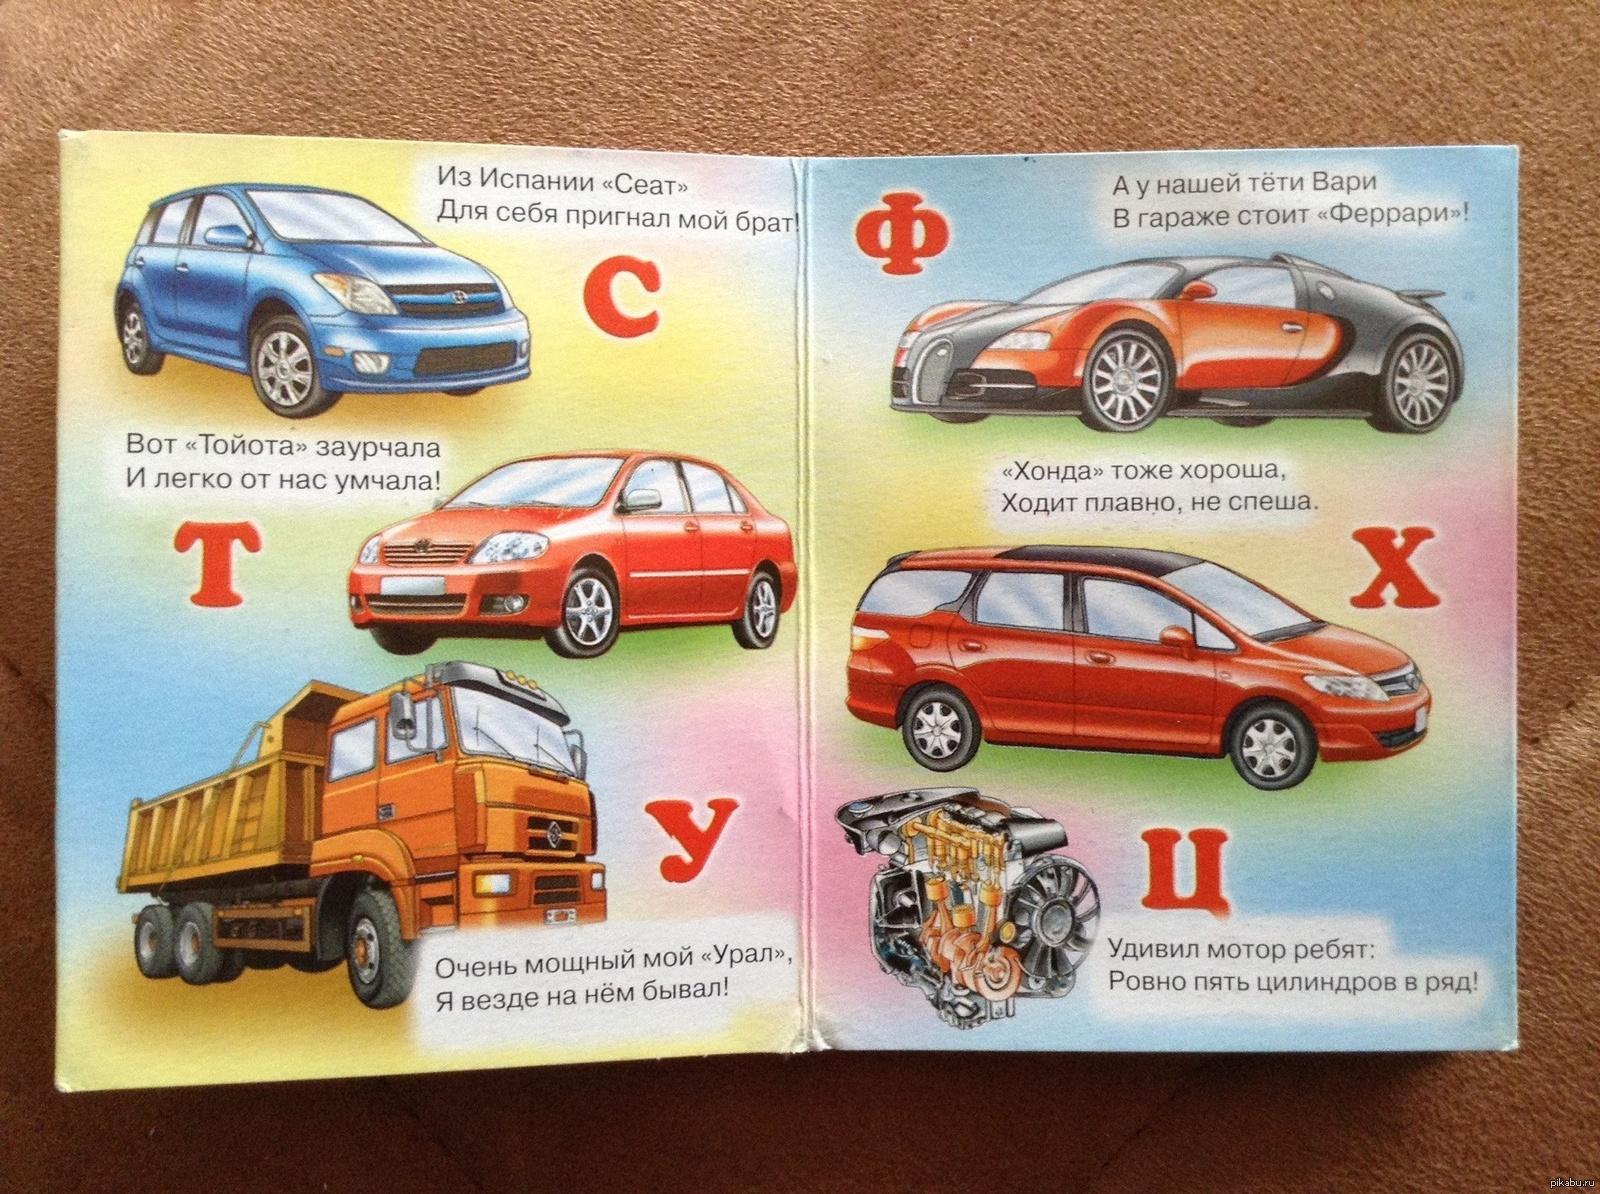 русский алфавит с машинками картинки гарантированным способом